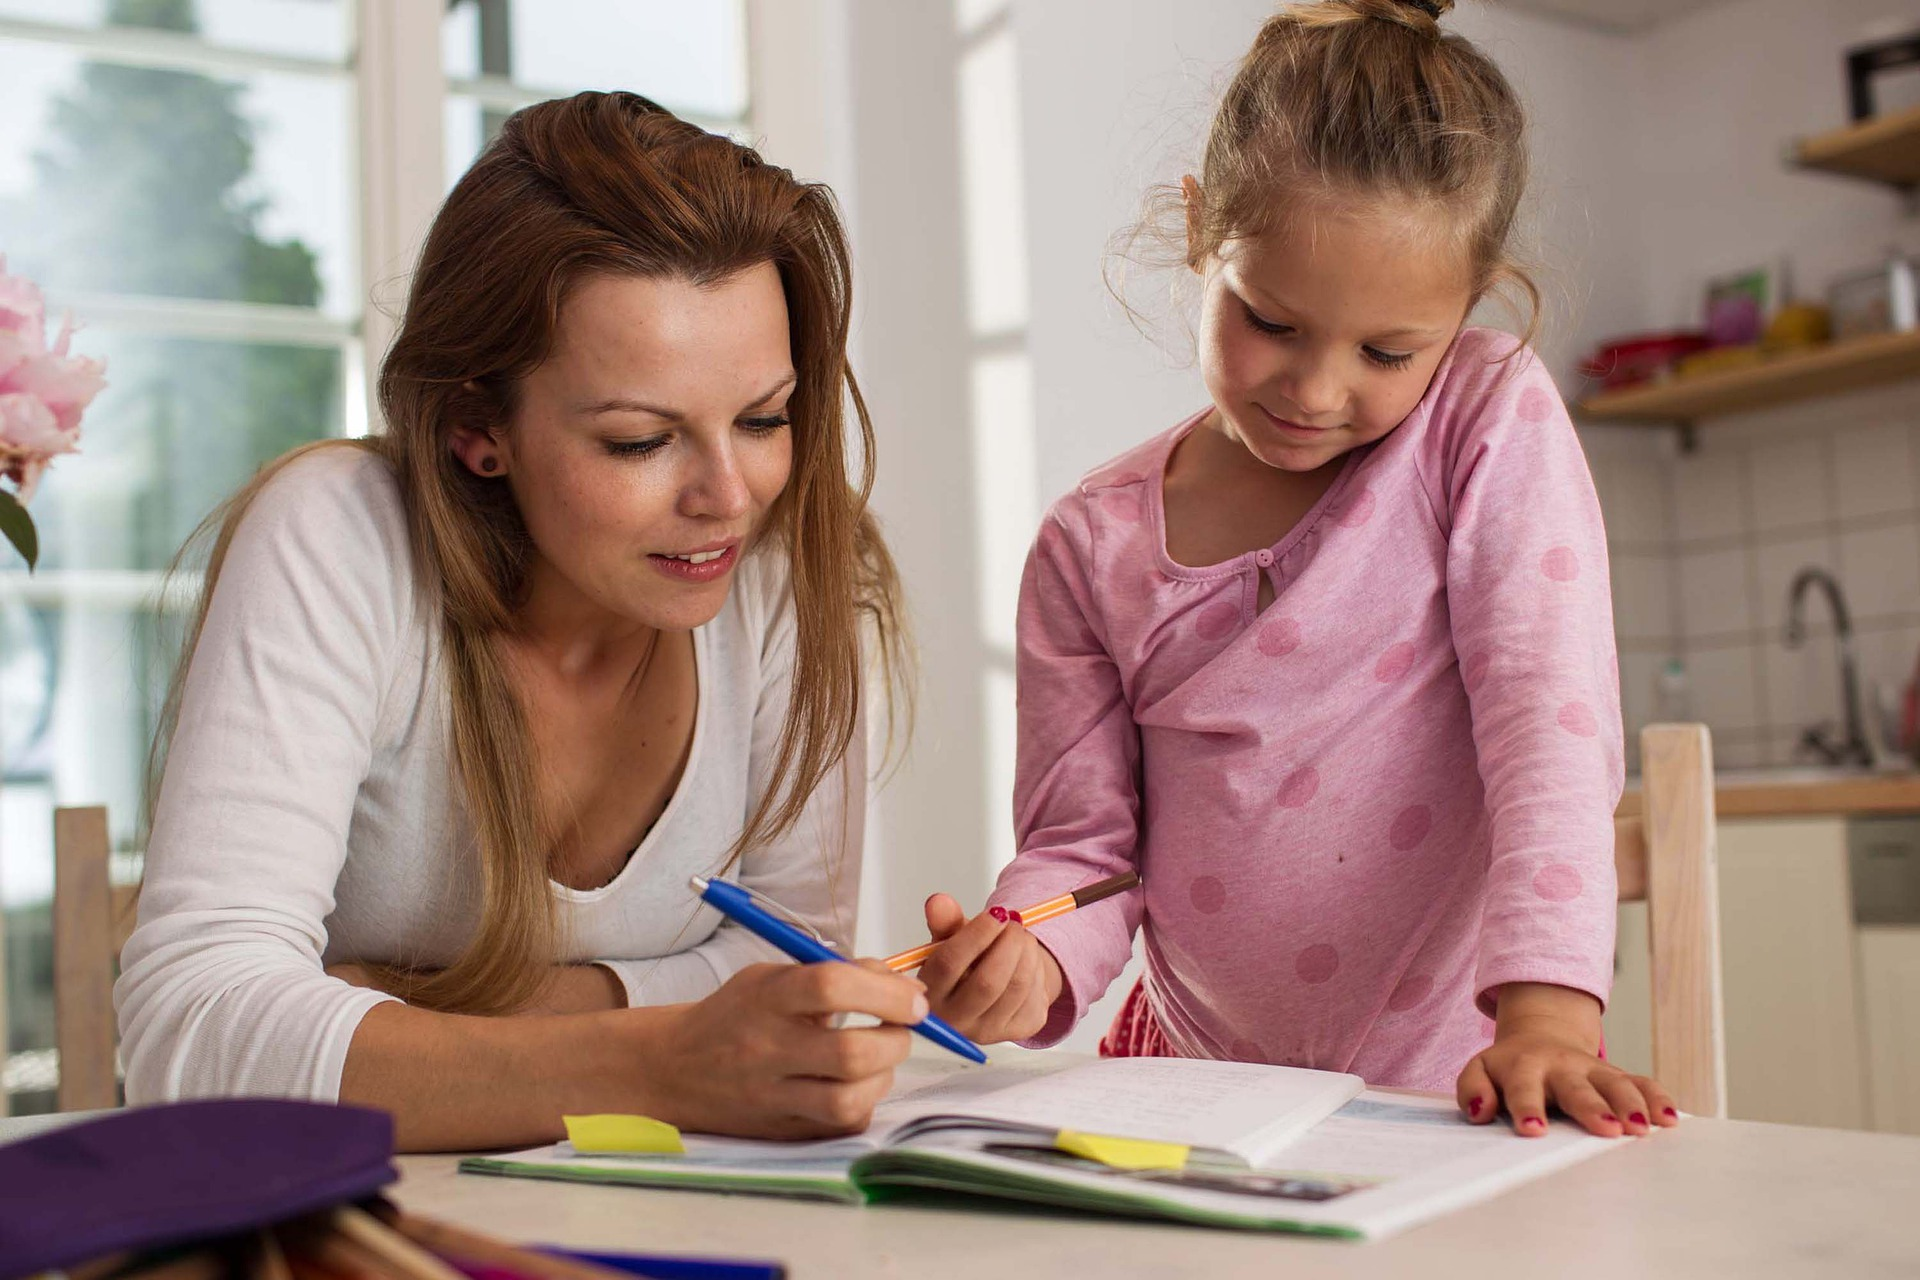 Overcoming the Writing Challenges of Motherhood